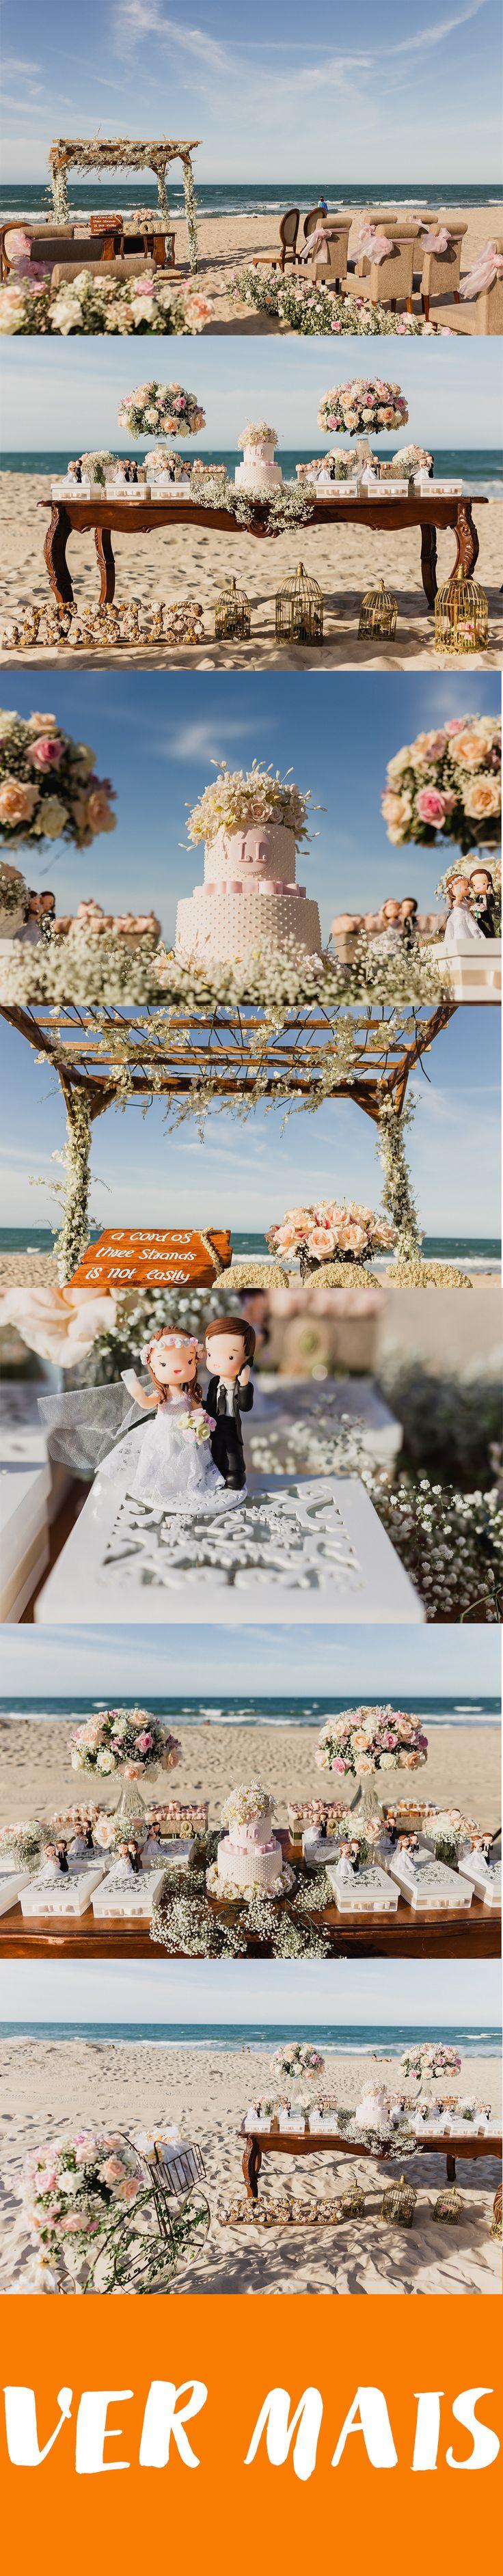 Ideias de decoração para casamento na praia. Inspiração para decorar casamento na praia. Fotos de decor para casório.